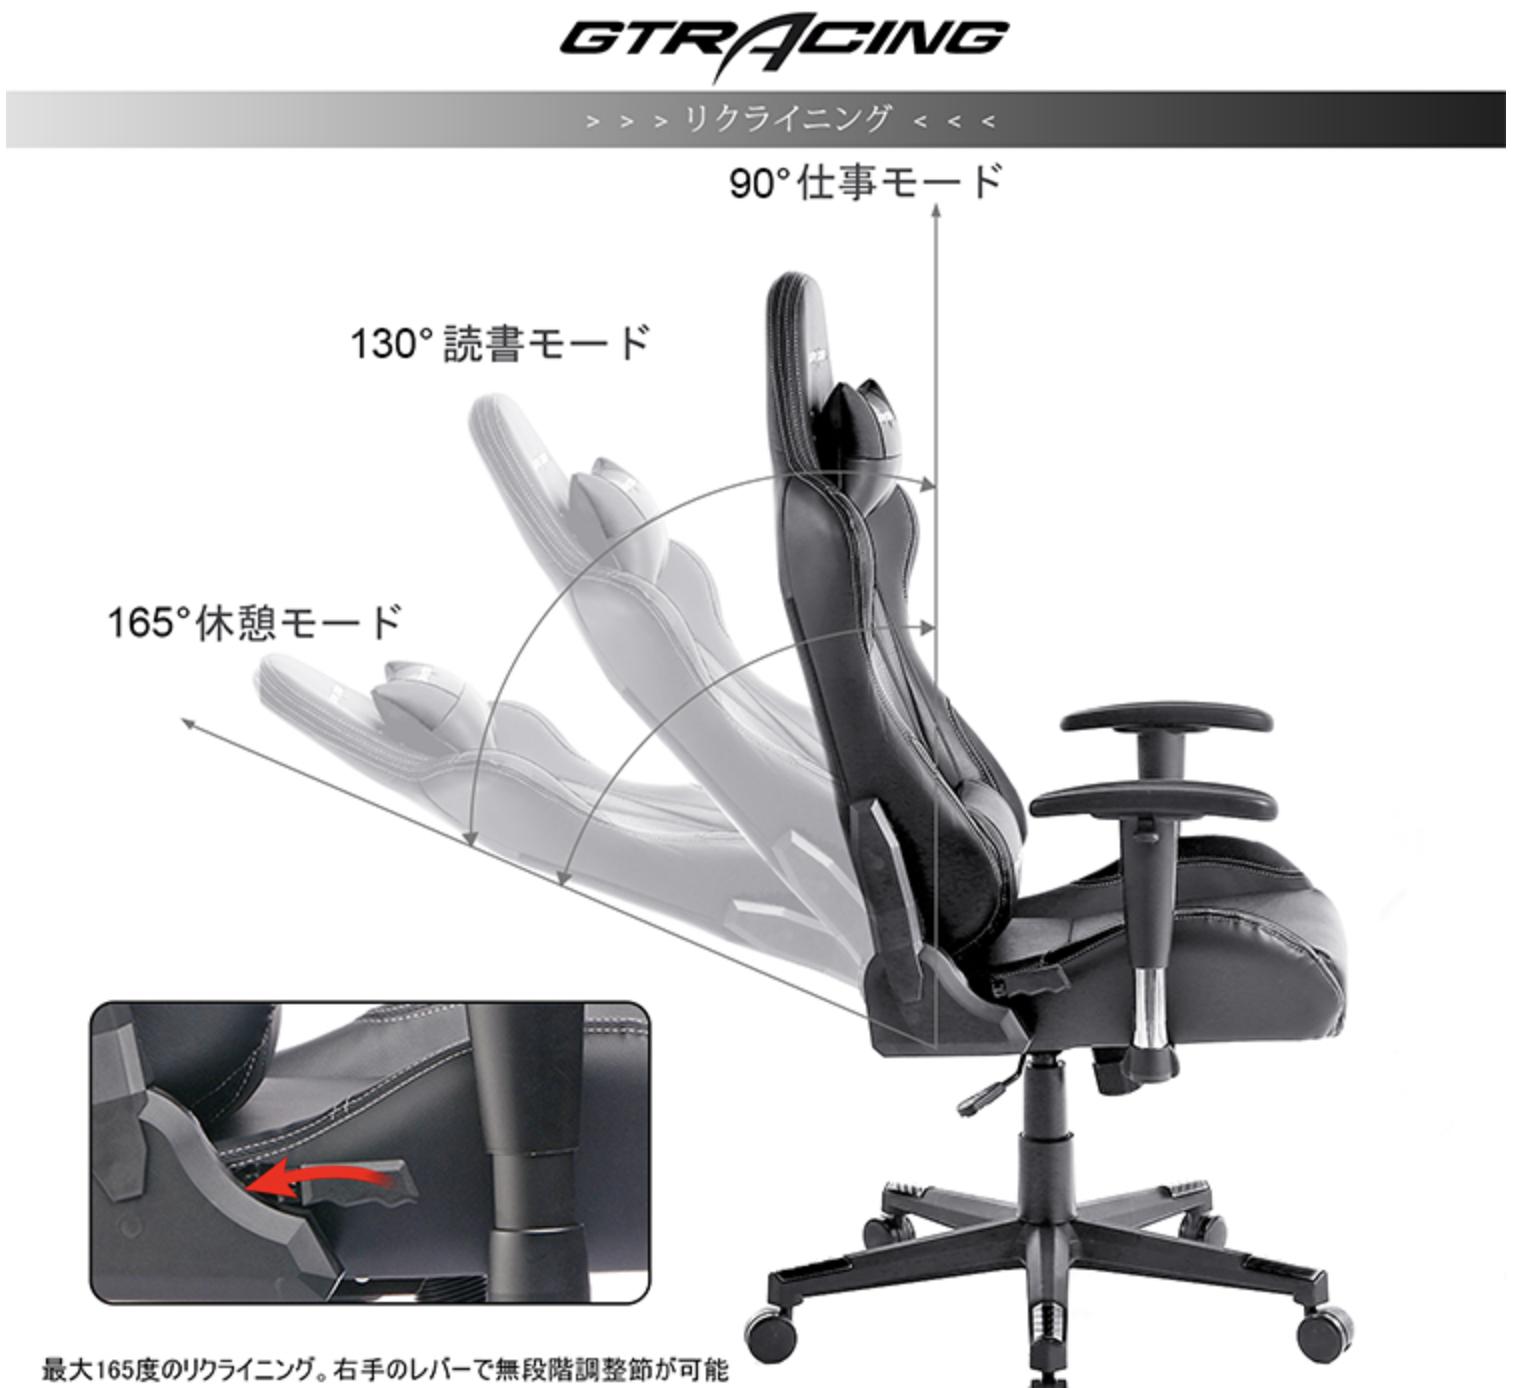 Gtracing ゲーミングチェア オットマン オフィスチェア デスクチェア マッサージ 収納式フットレスト 高さ調整 リクライニング ロッキング 調節可能ランバーサポート GT901BLACK